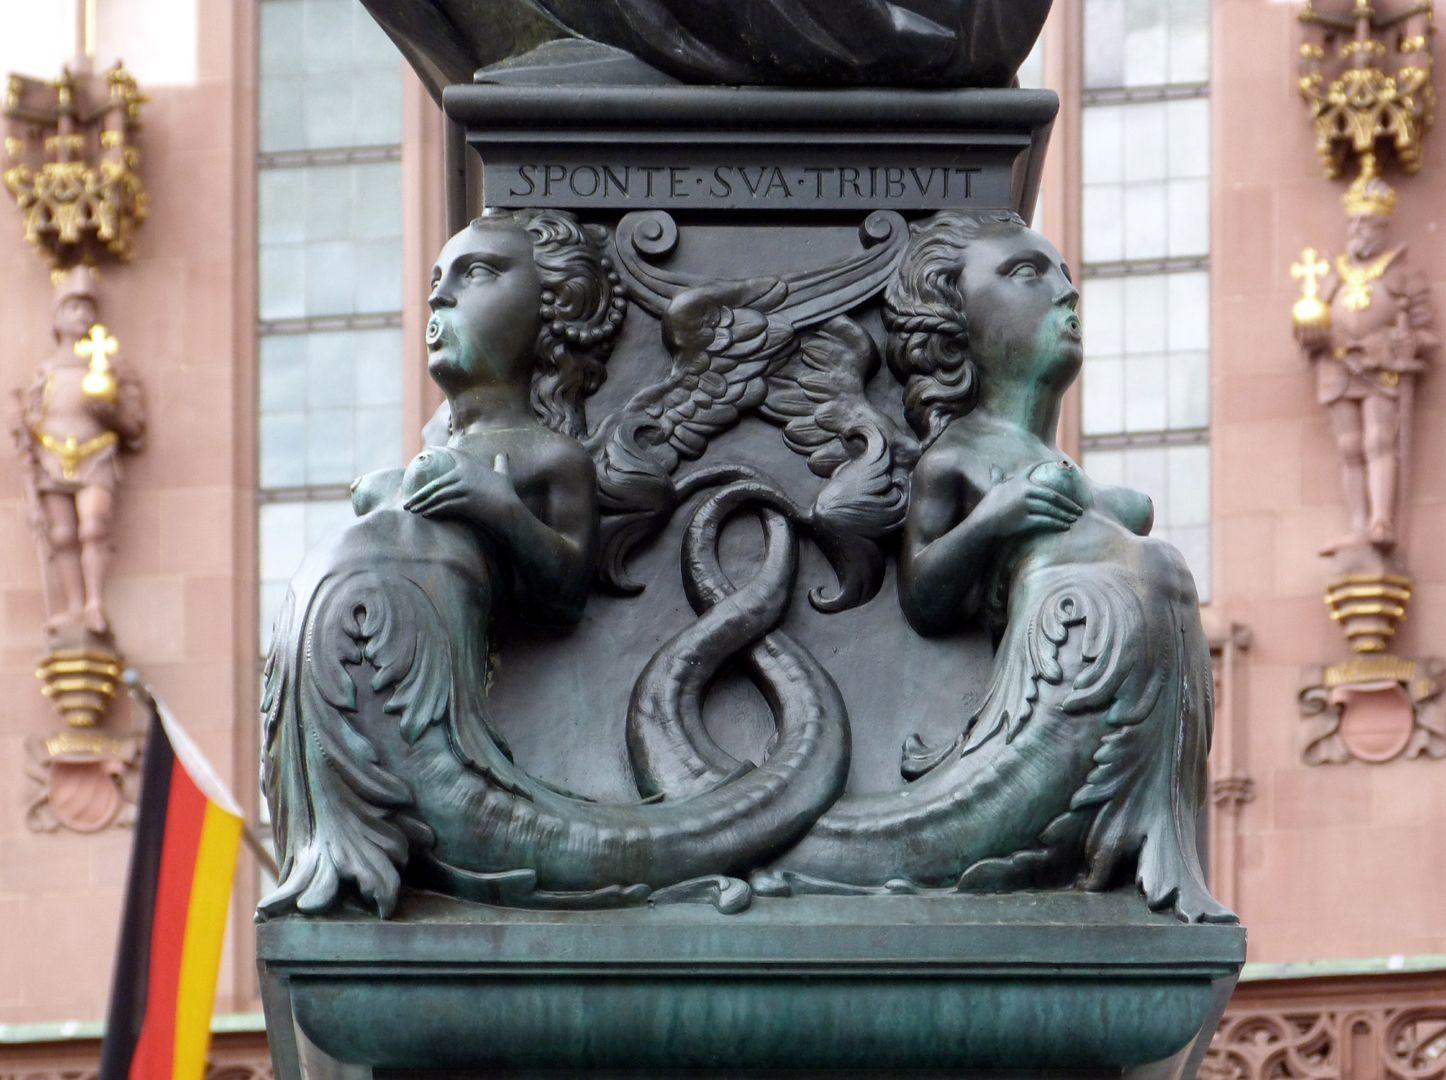 Gerechtigkeitsbrunnen (Frankfurt a.M.) Fußgestell mit Doppelschwänzigen Meeresfrauen, Ansicht von Osten